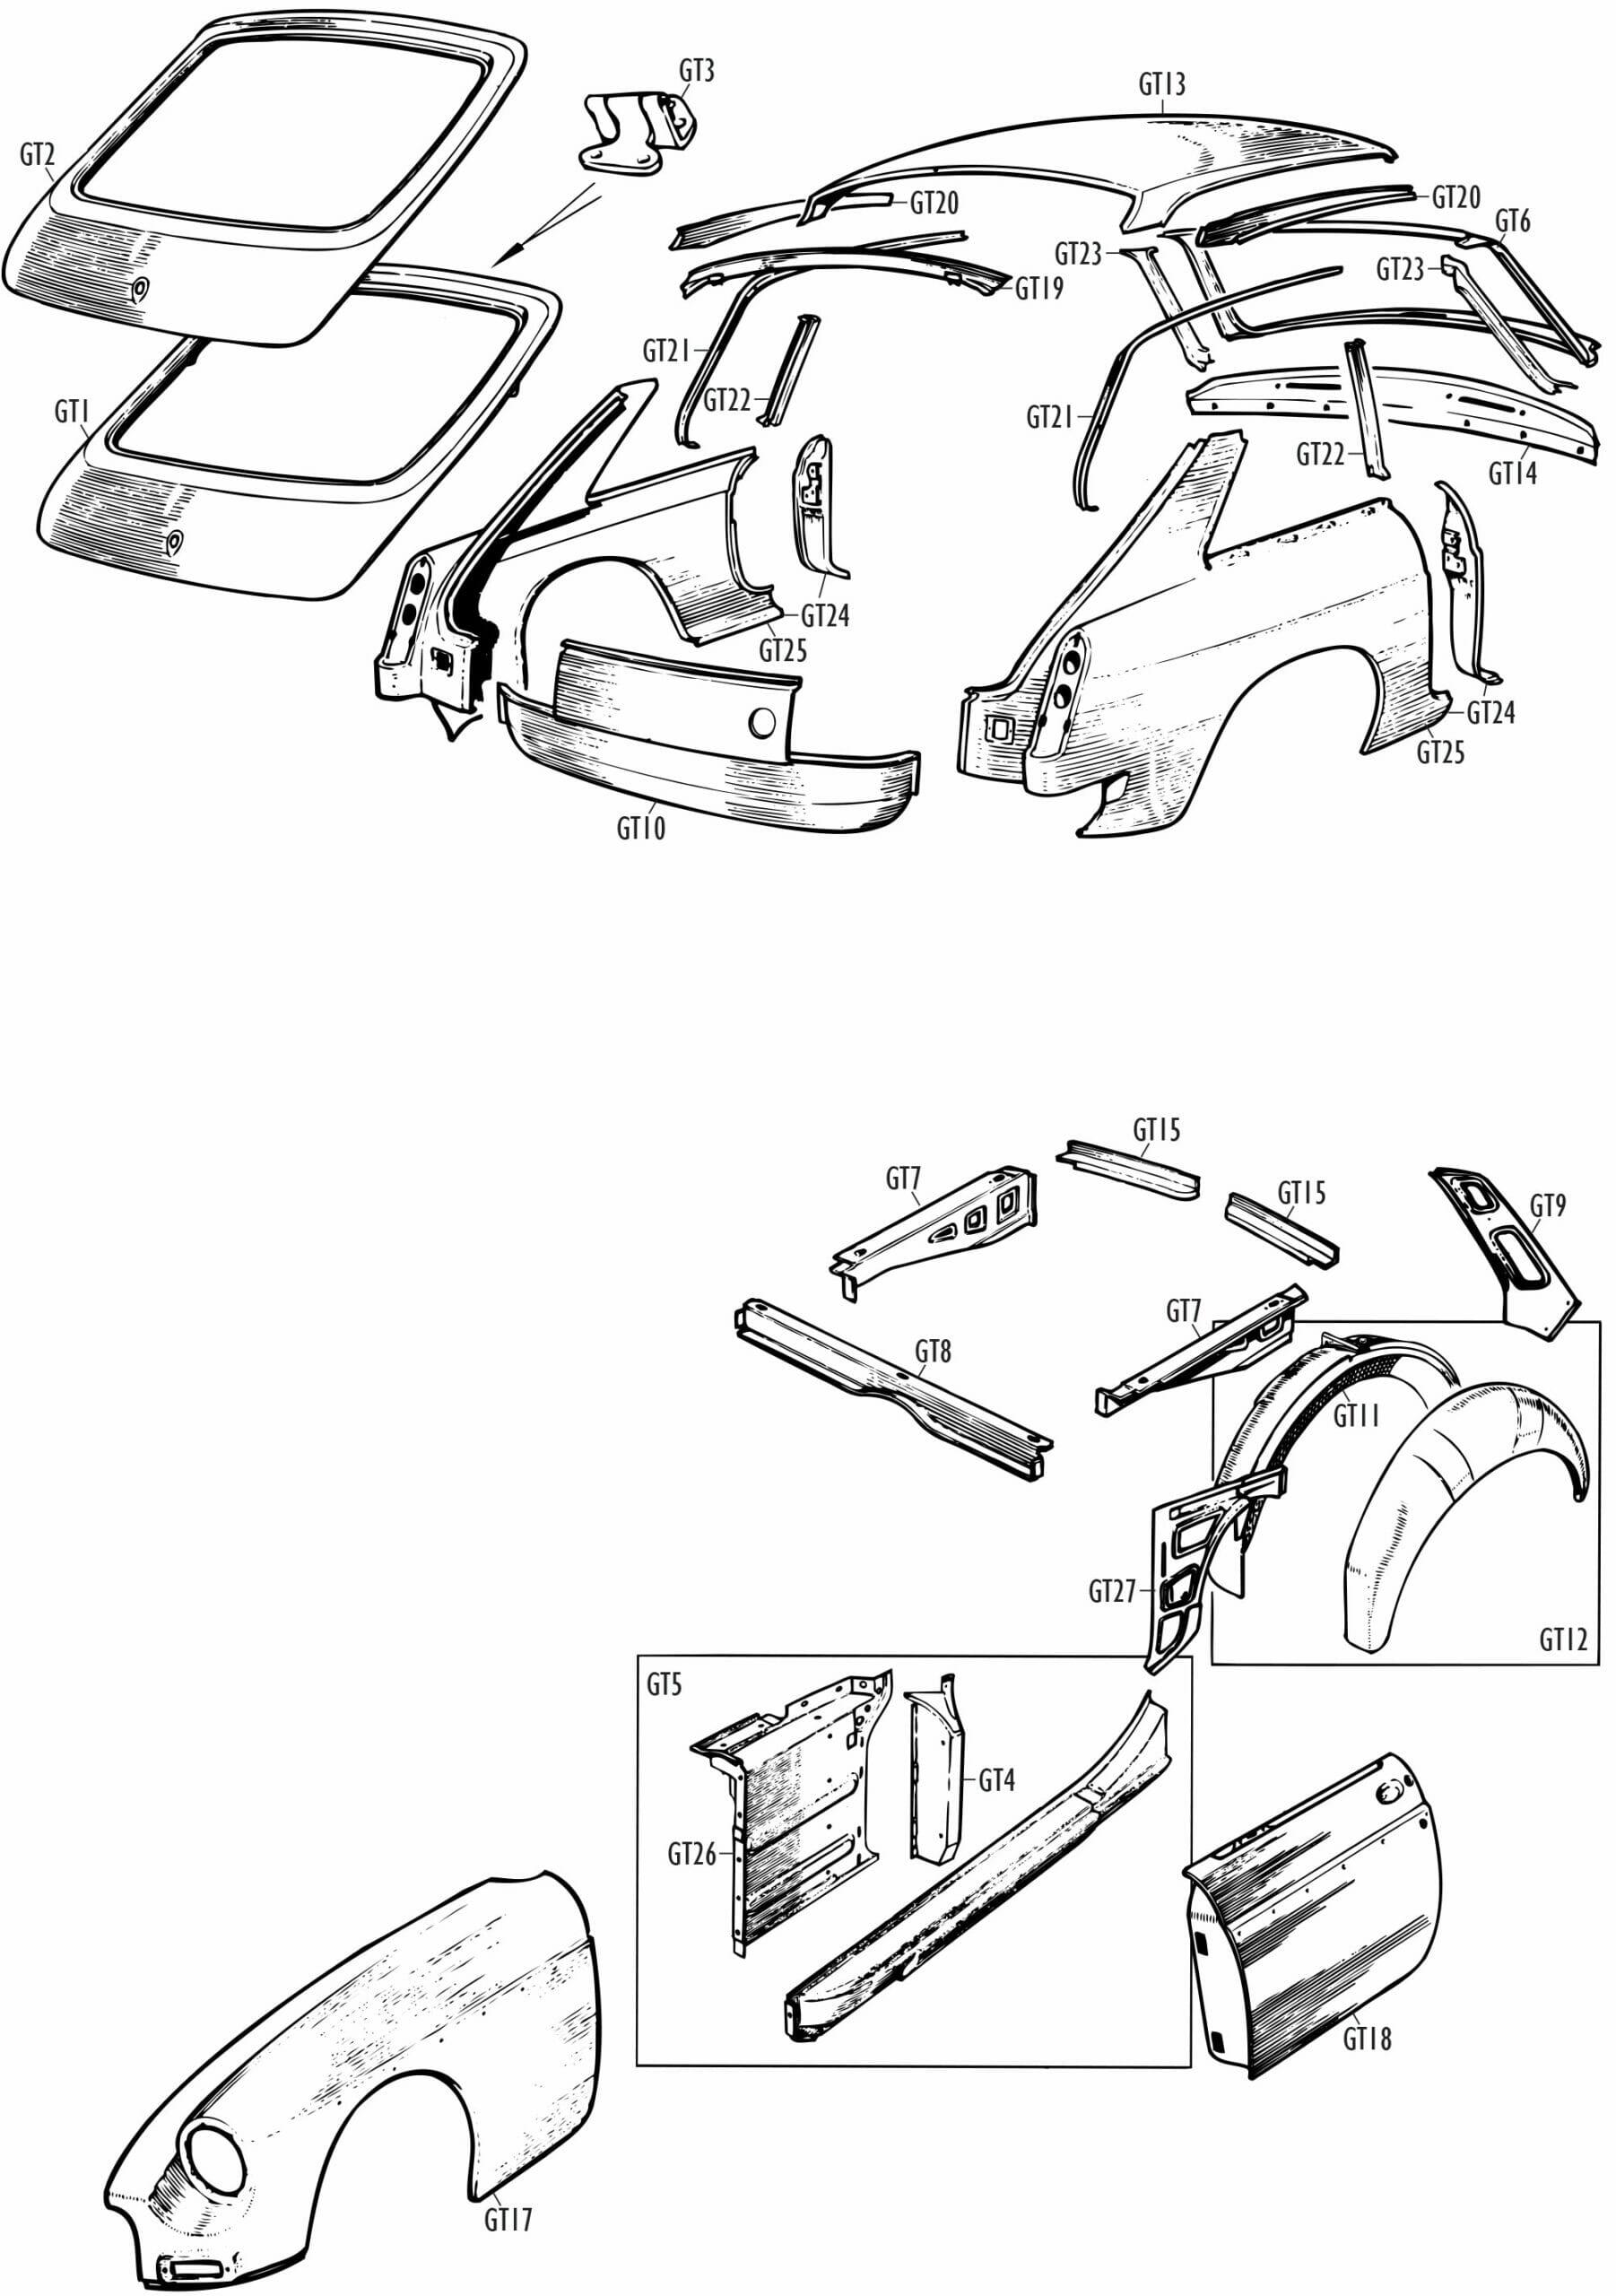 MGB and MGB GT Parts - MGB GT Unique Panels